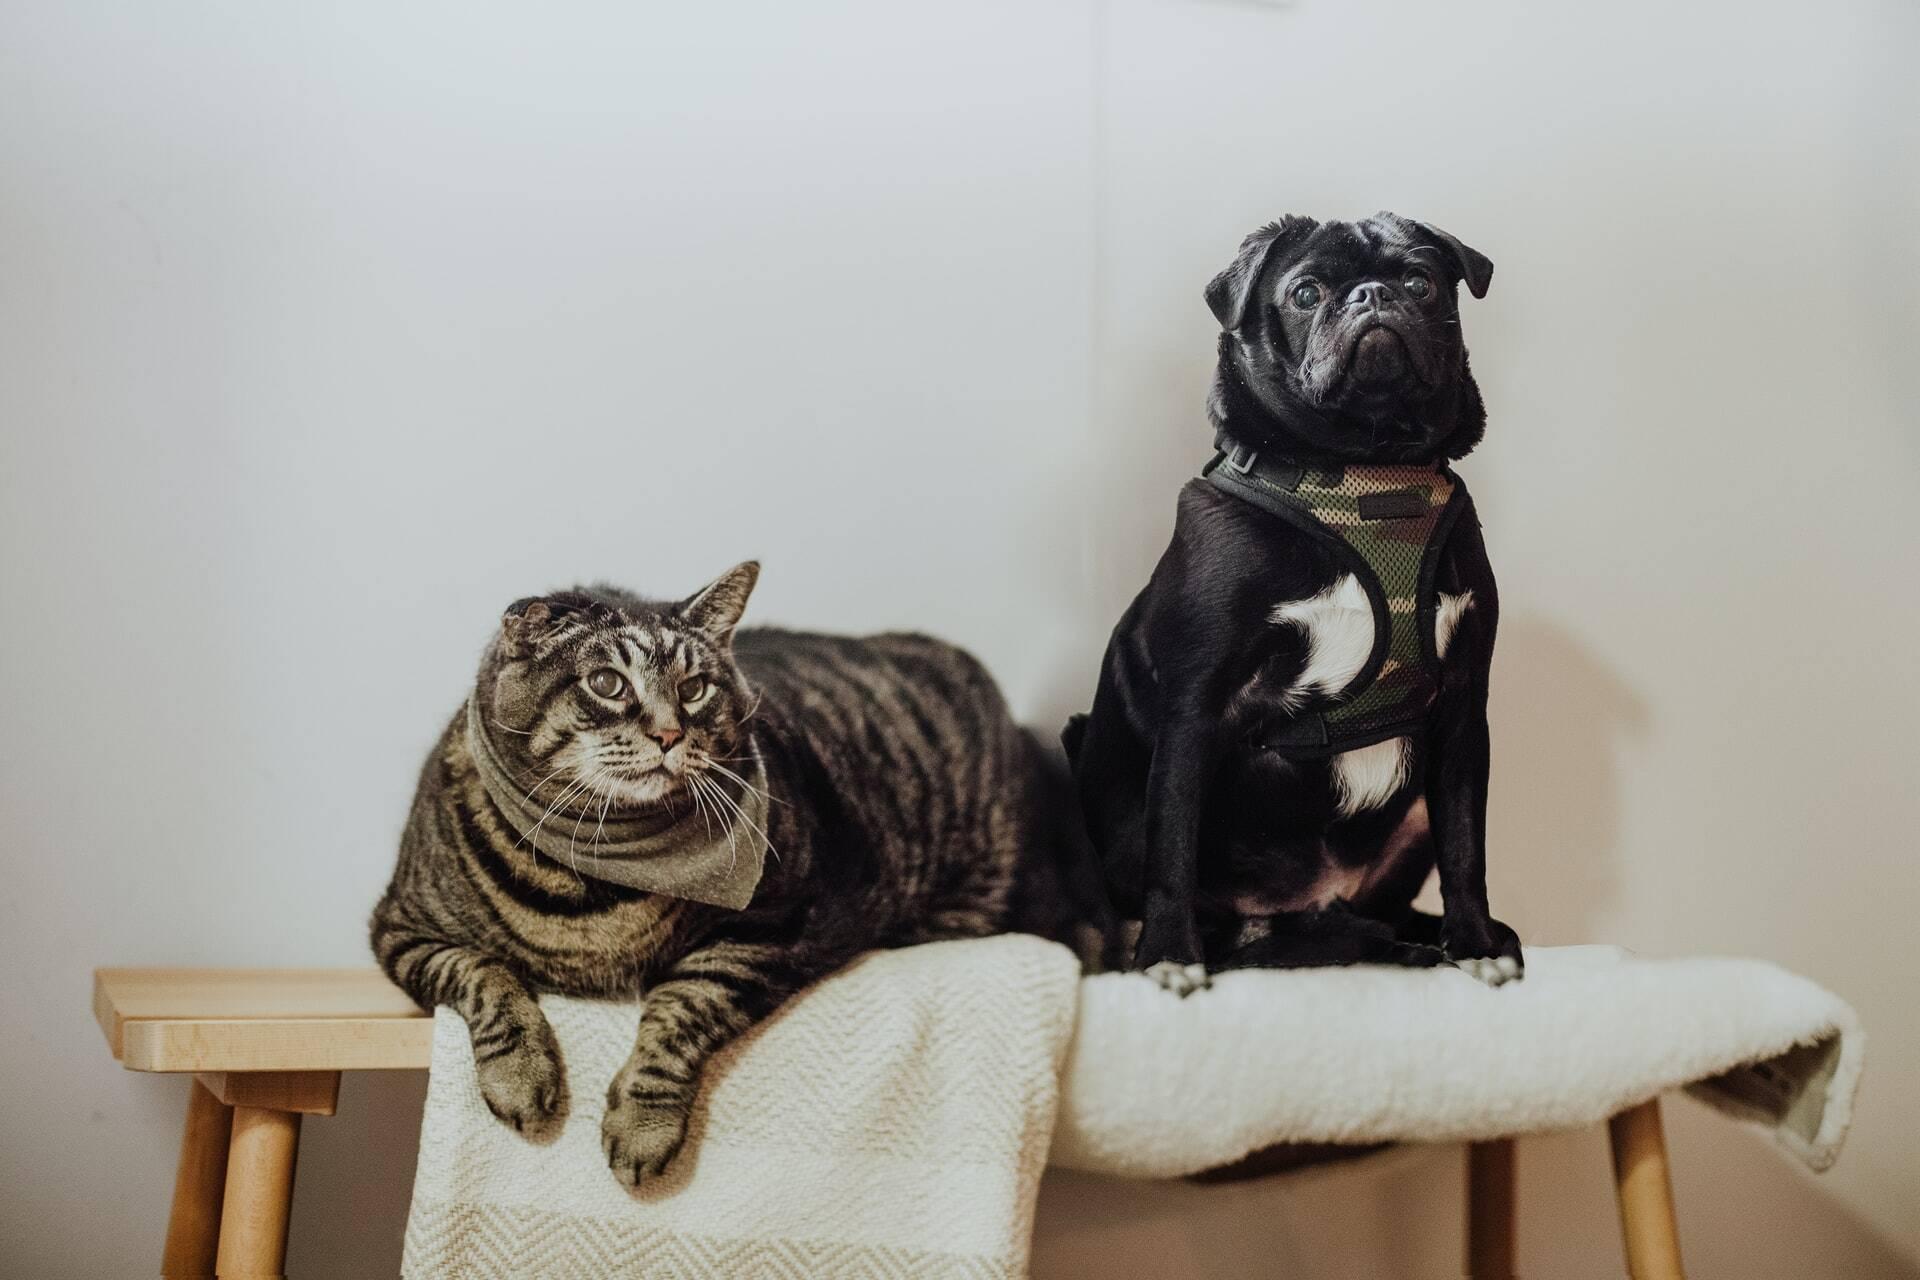 Mitos e verdades sobre cães e gatos